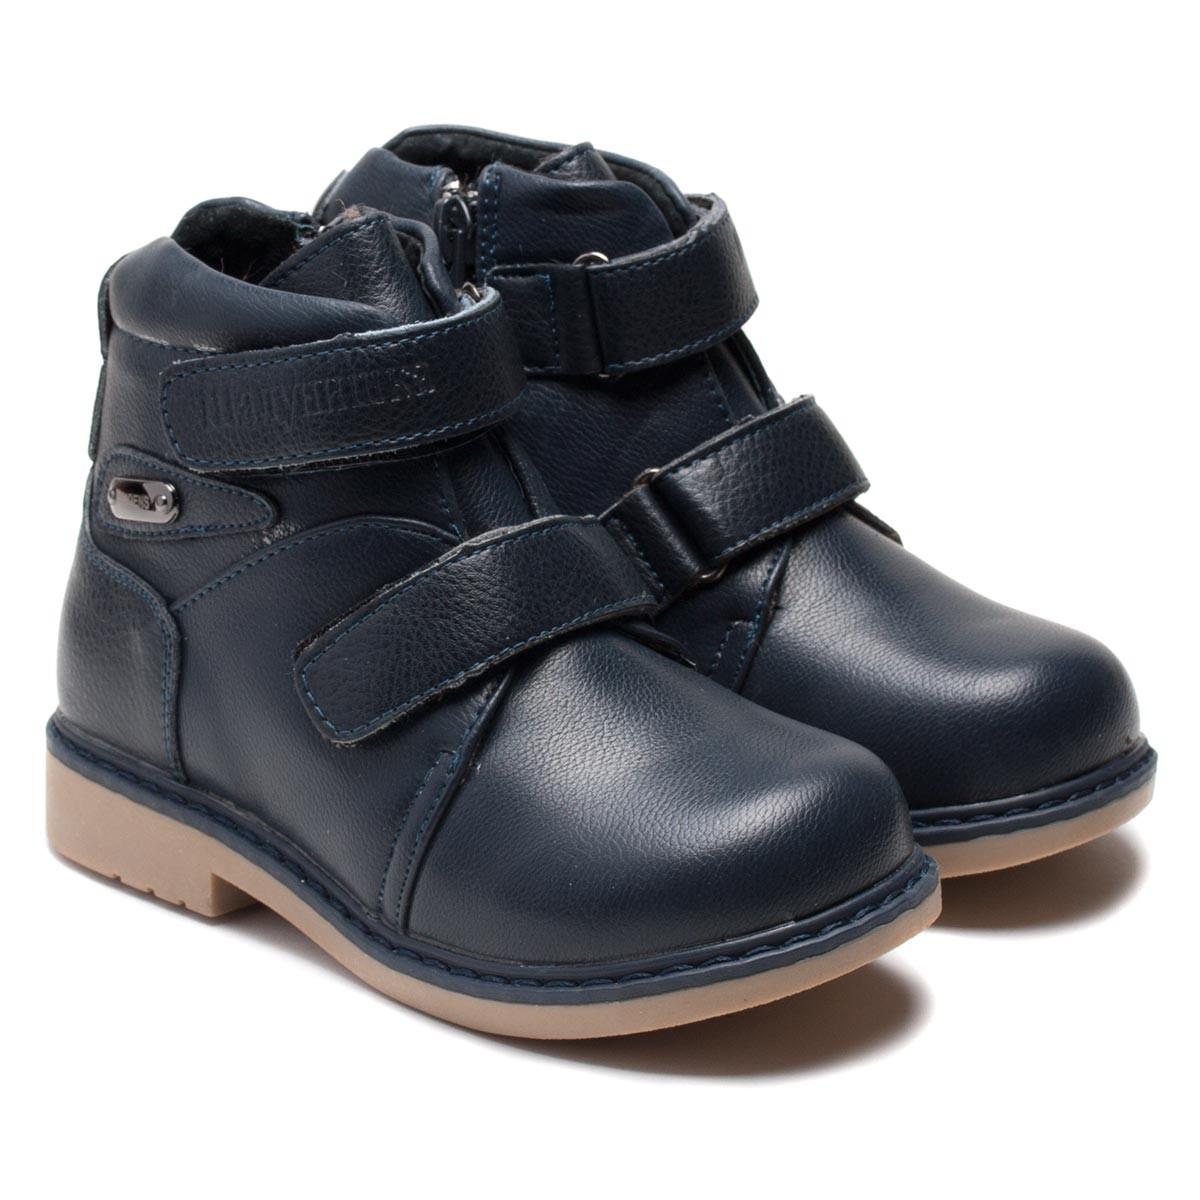 Зимние ботинки Шалунишка-ортопед, для мальчика, размер 26-31